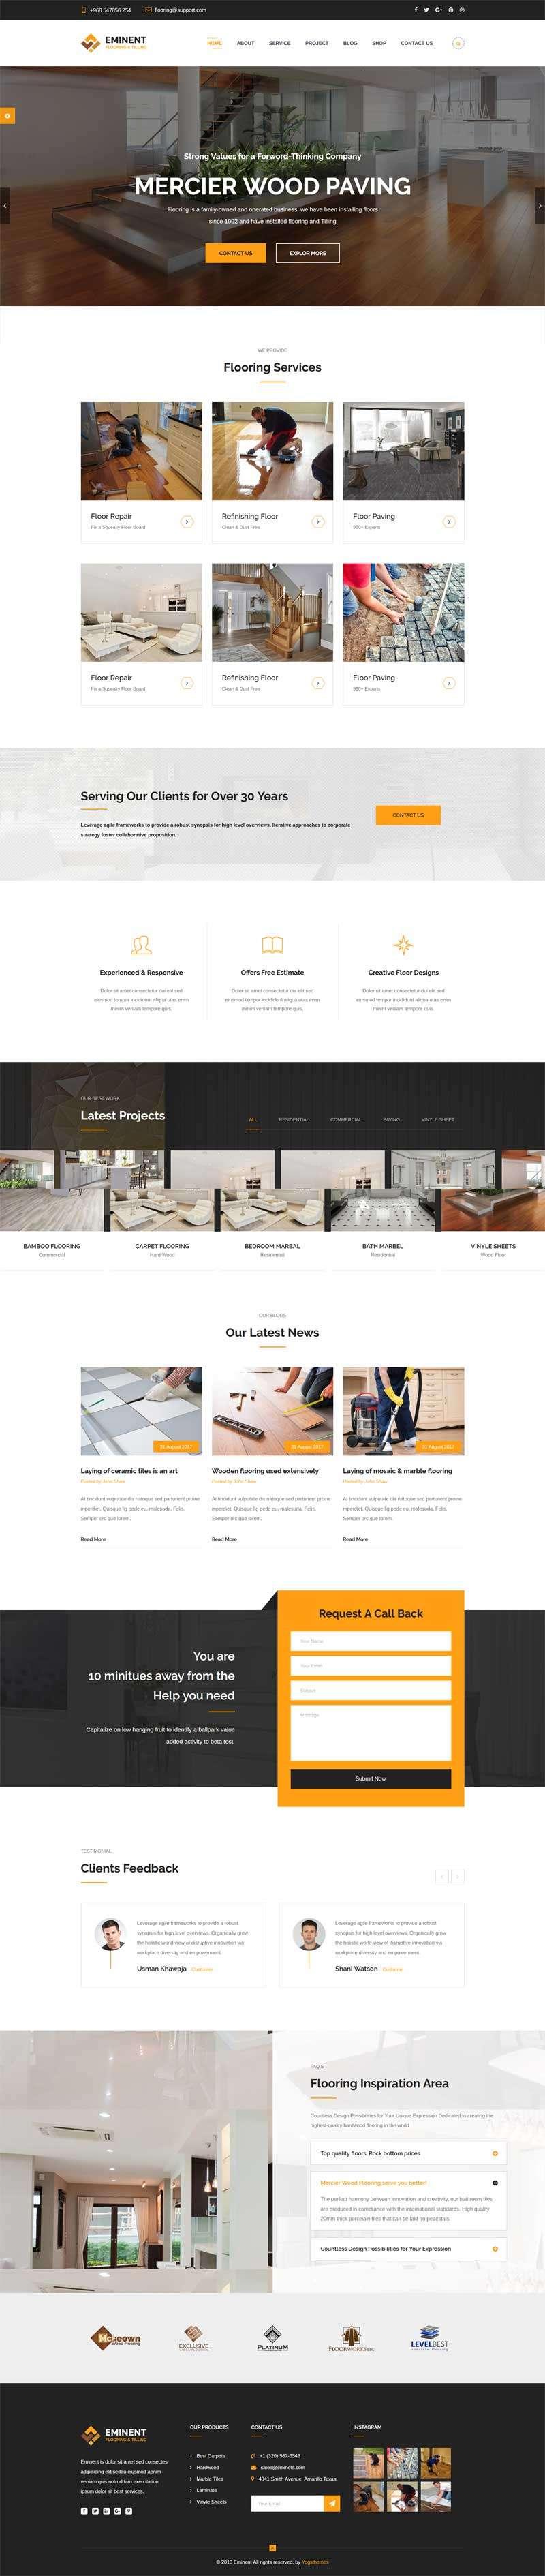 大气的地板瓷砖装修设计公司网站模板